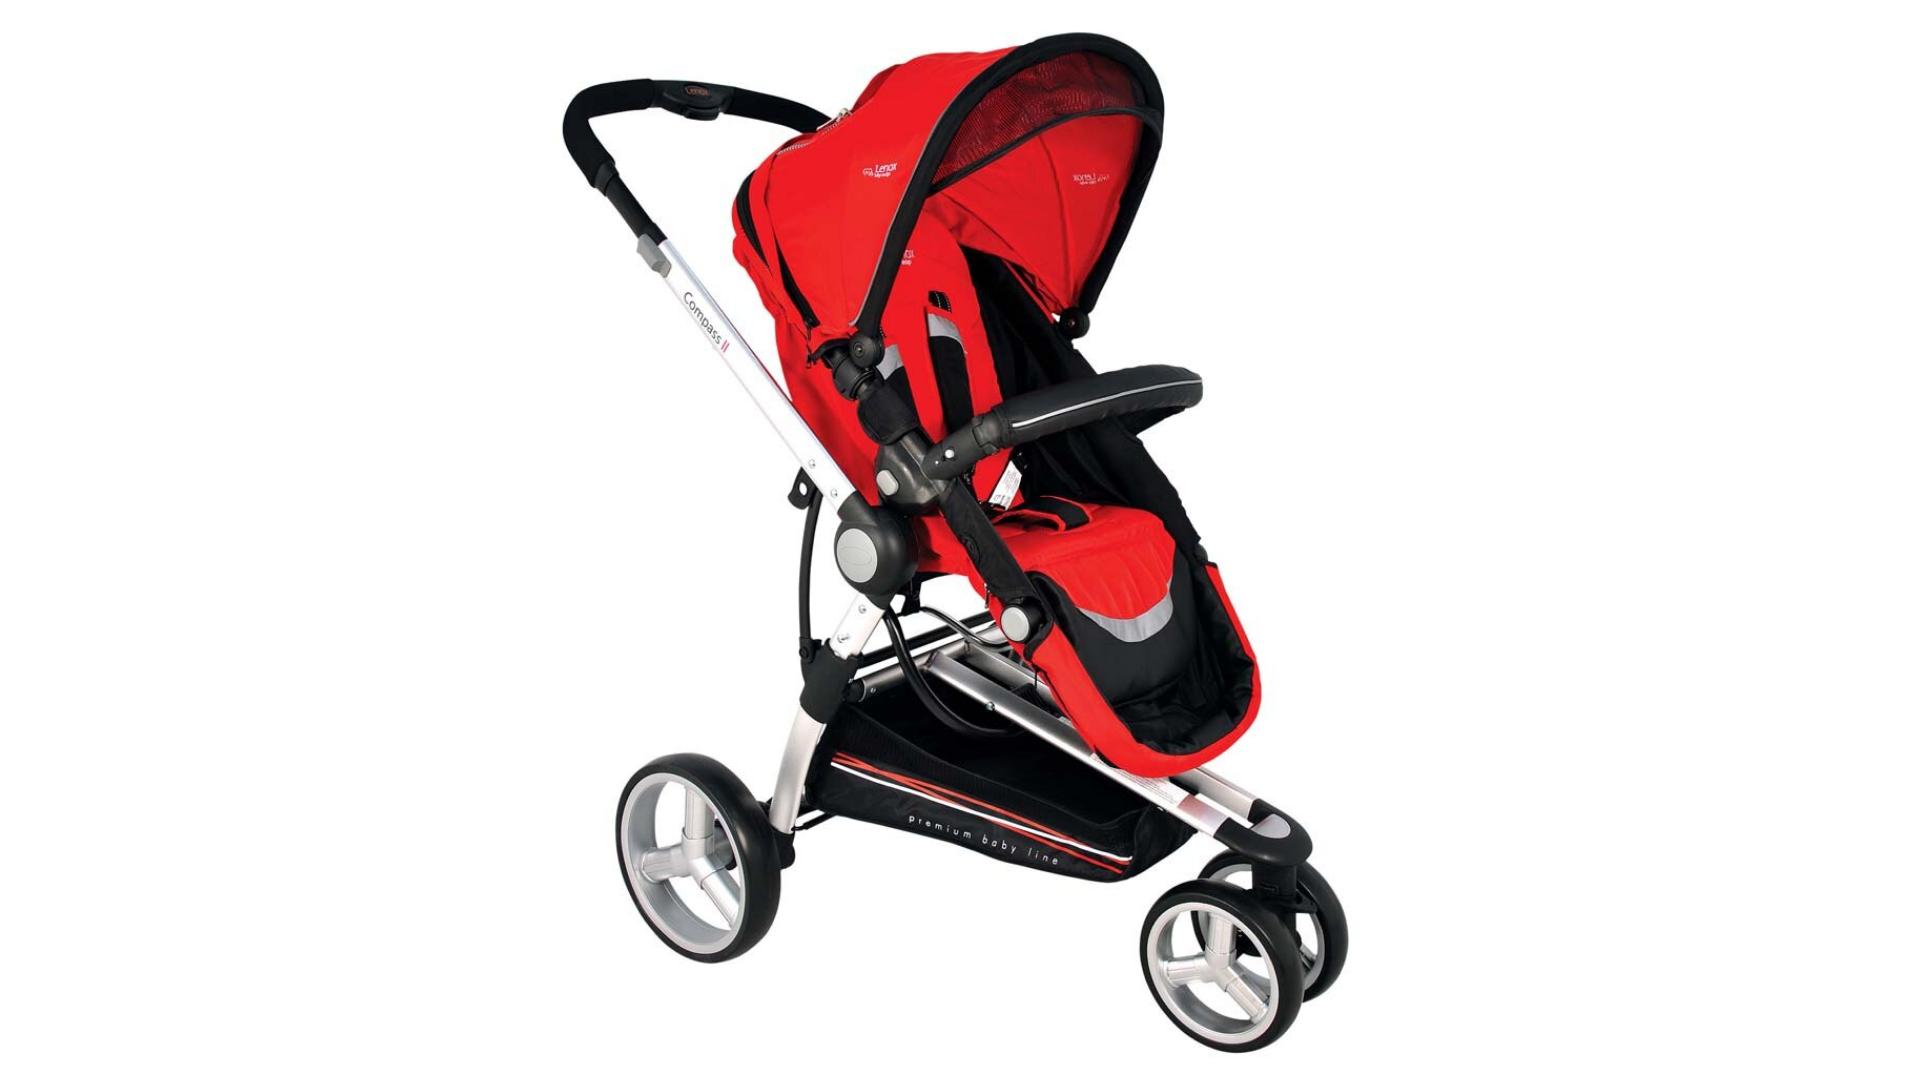 O carrinho de bebê com 3 rodas é aconselhado para pais esportistas (Imagem: Divulgação/Kiddo)